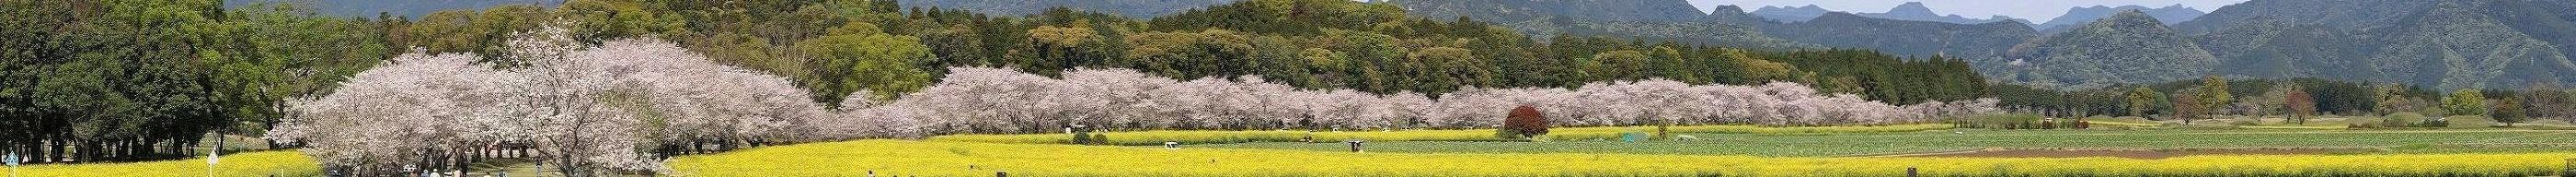 西都原古墳群の桜と菜の花 02